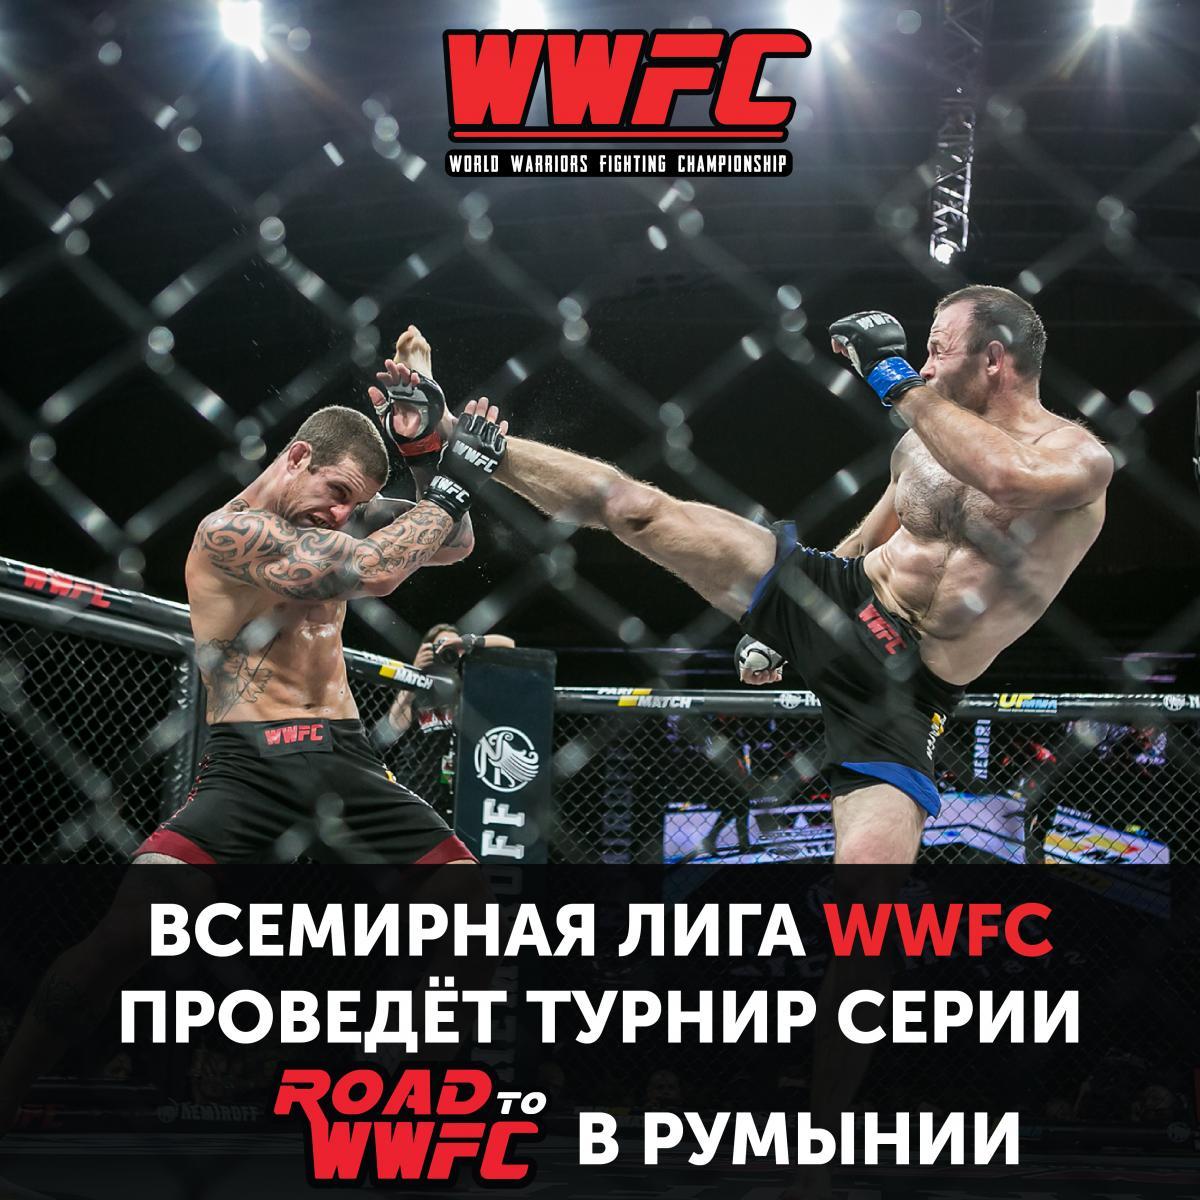 WWFC проведе турнір у Румунії в жовтні / wwfc.in.ua